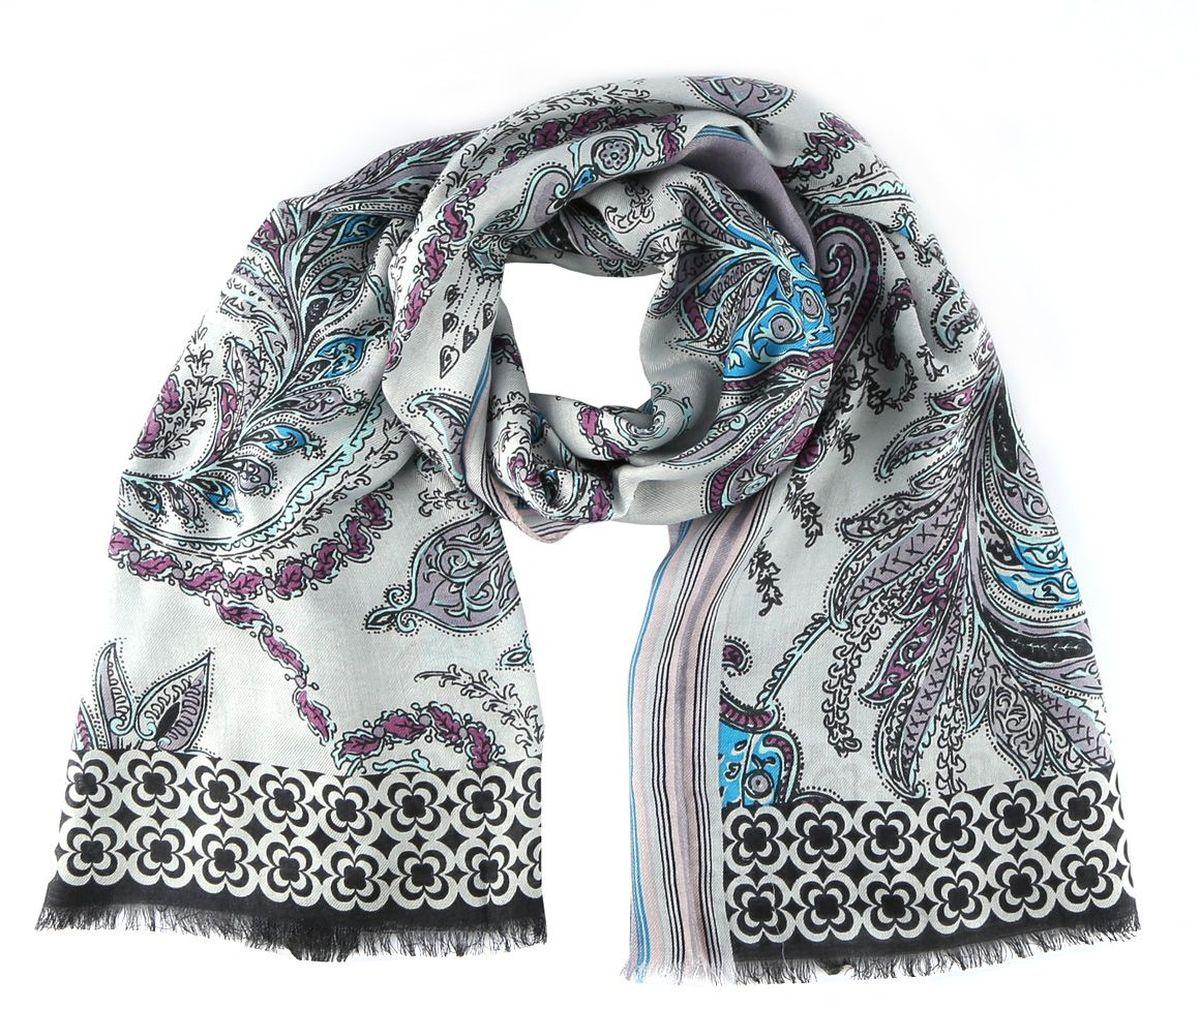 Шарф6874FЖенский шарф Leo Ventoni теплый и мягкий. С таким аксессуаром в любую погоду Вам будет уютно и тепло. Выполнен из высококачественного материала и оформлен оригинальным принтом.